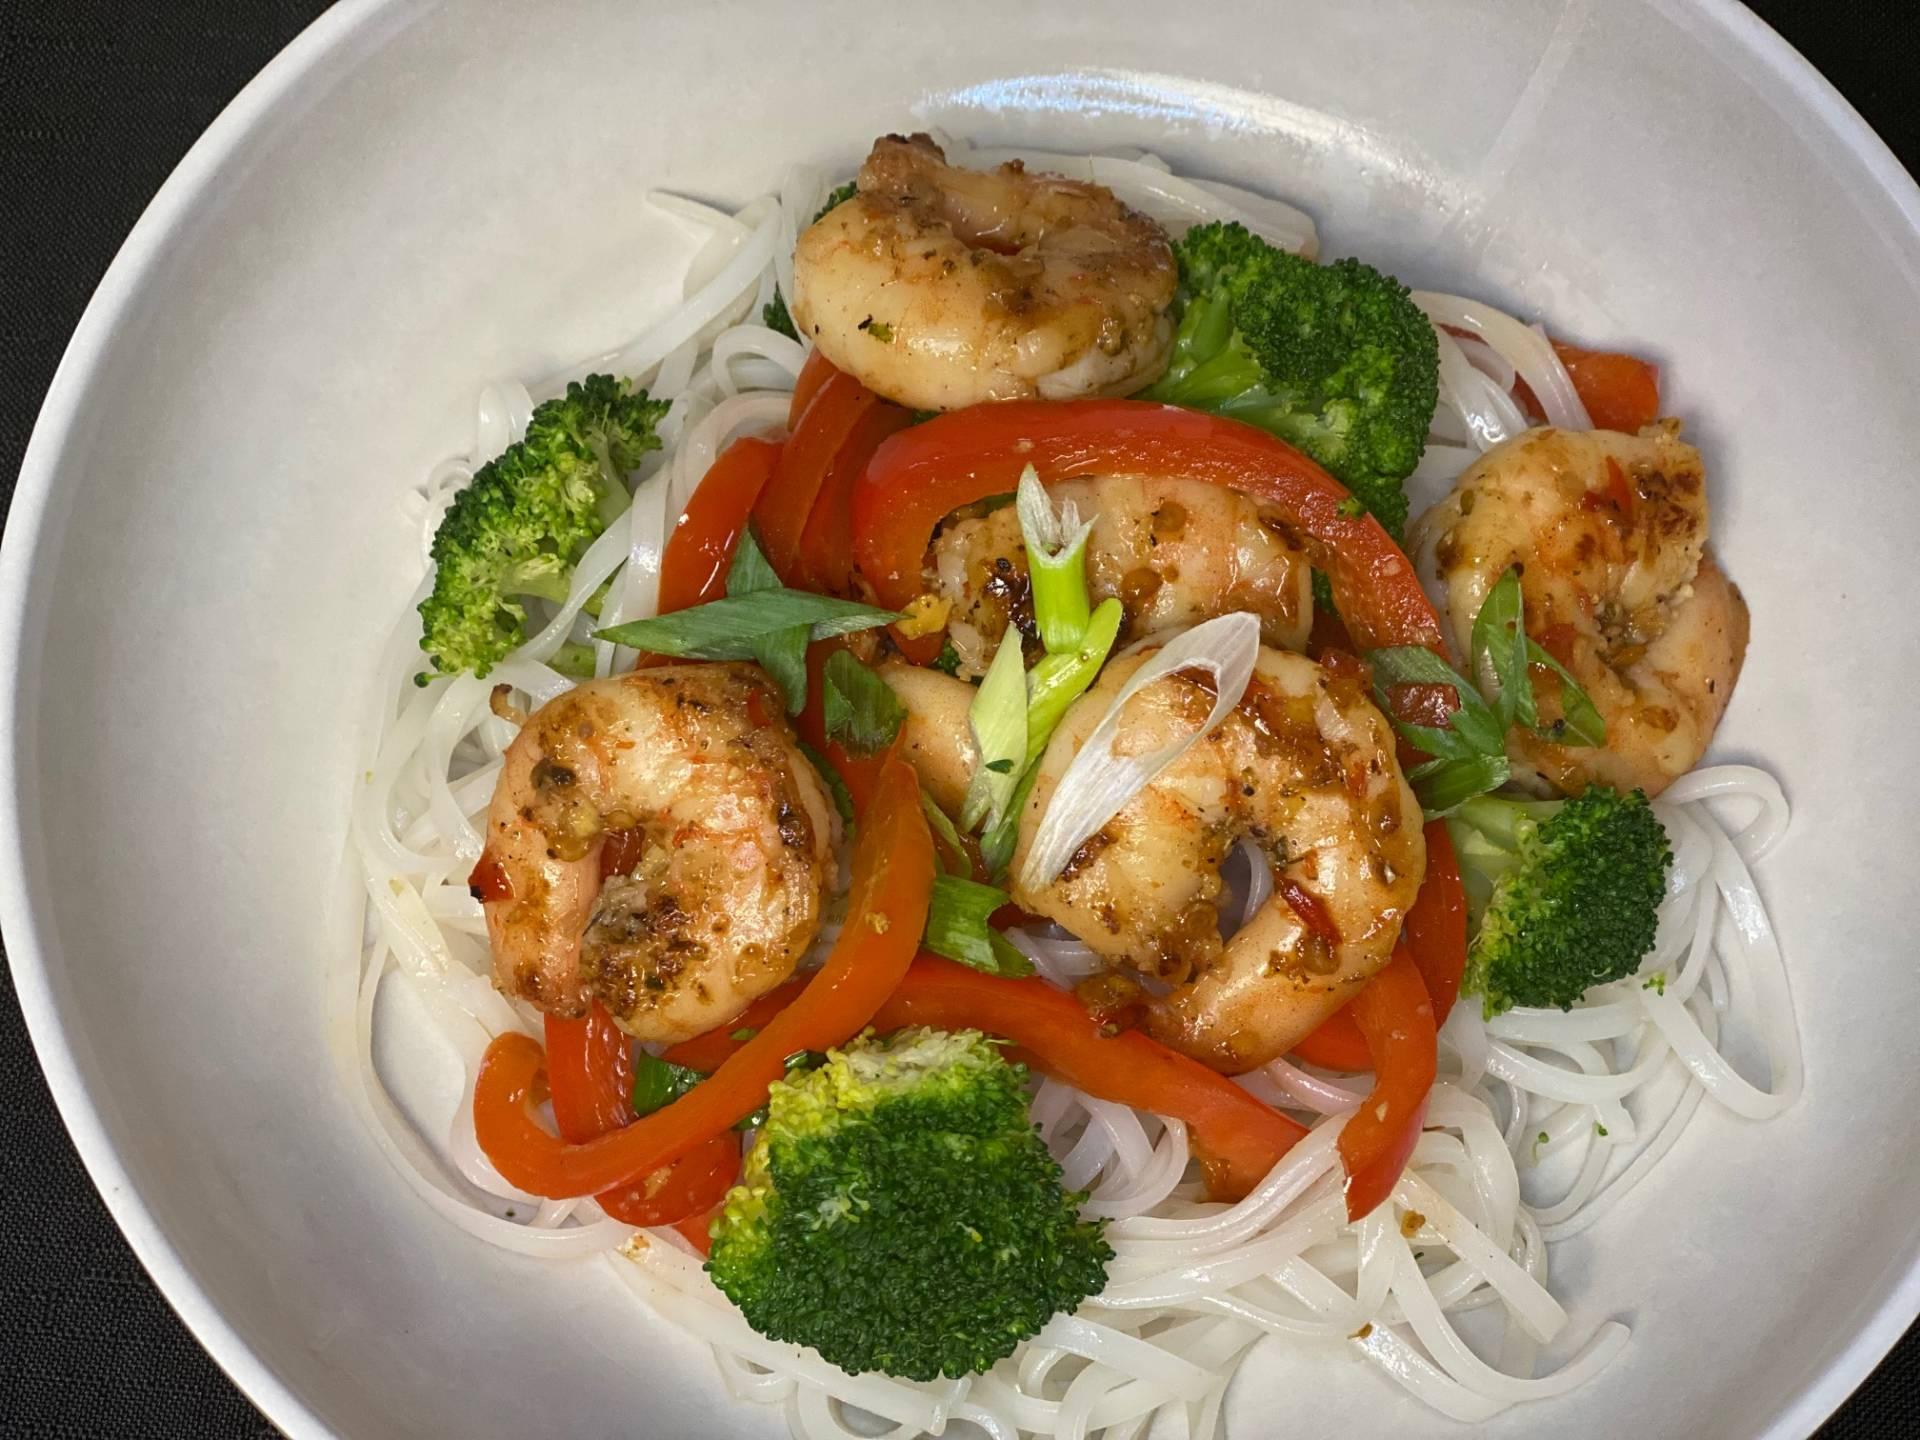 Chili-Garlic Shrimp